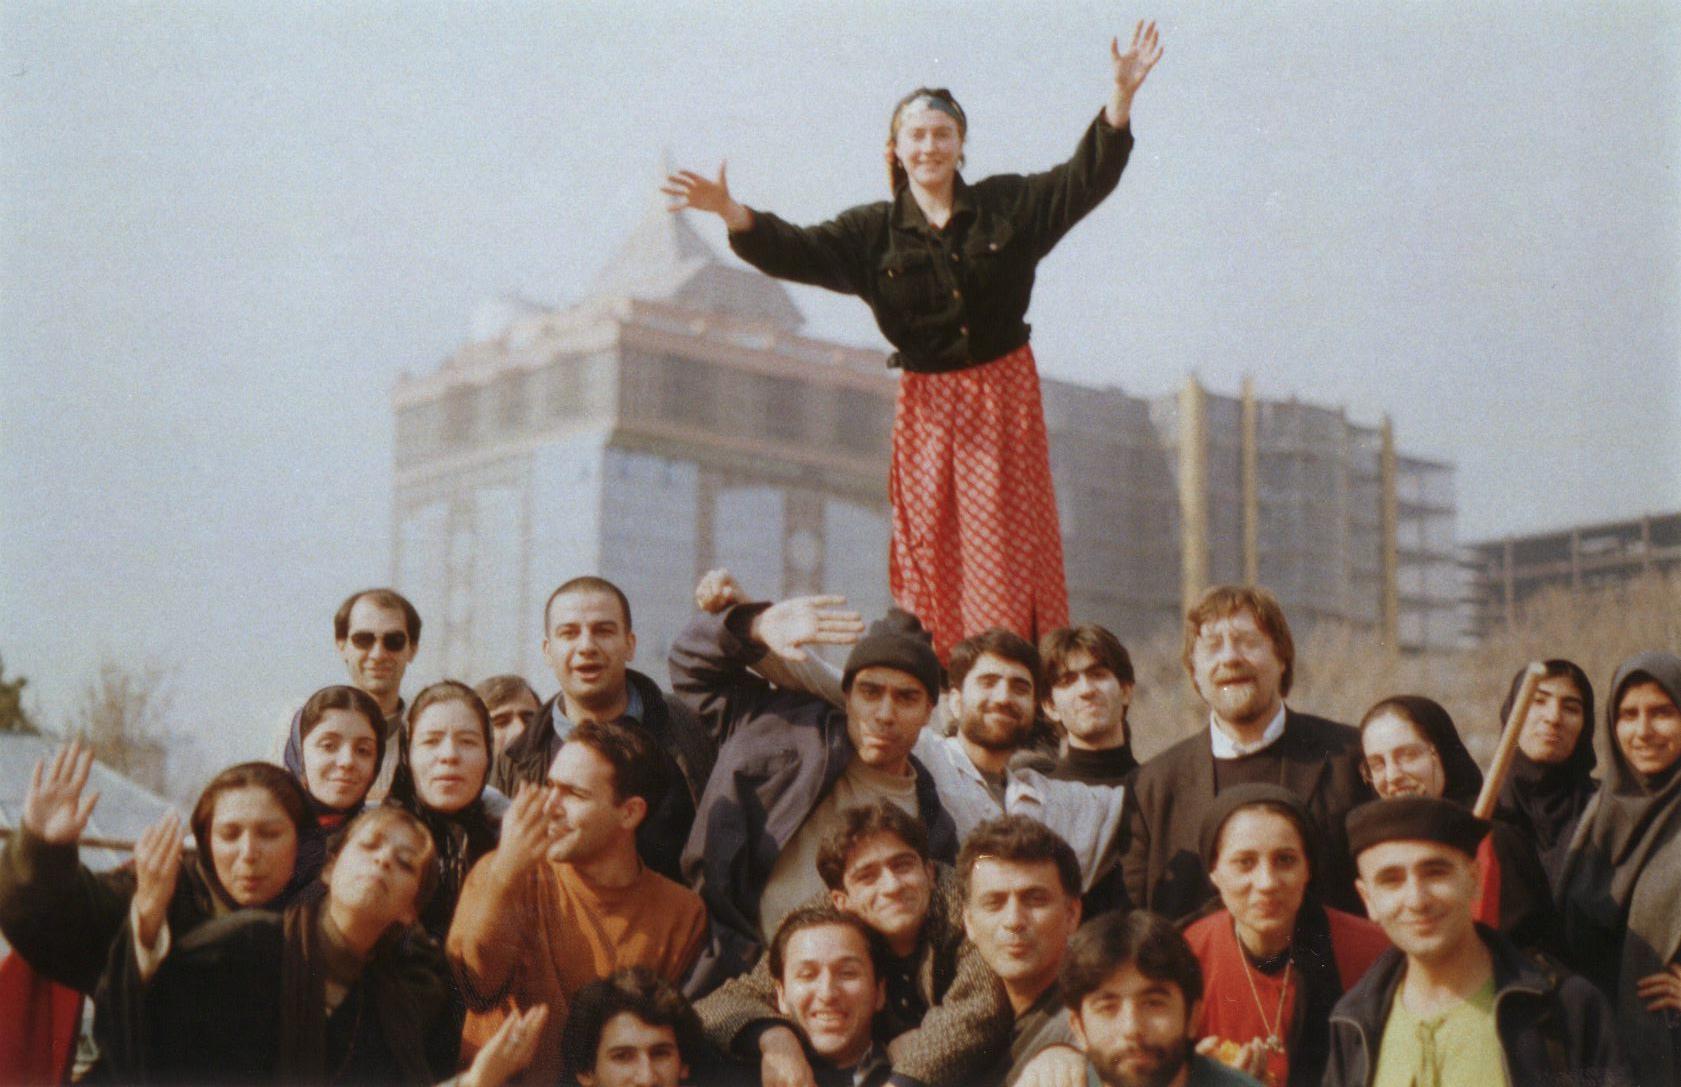 iran2001_0013.jpg